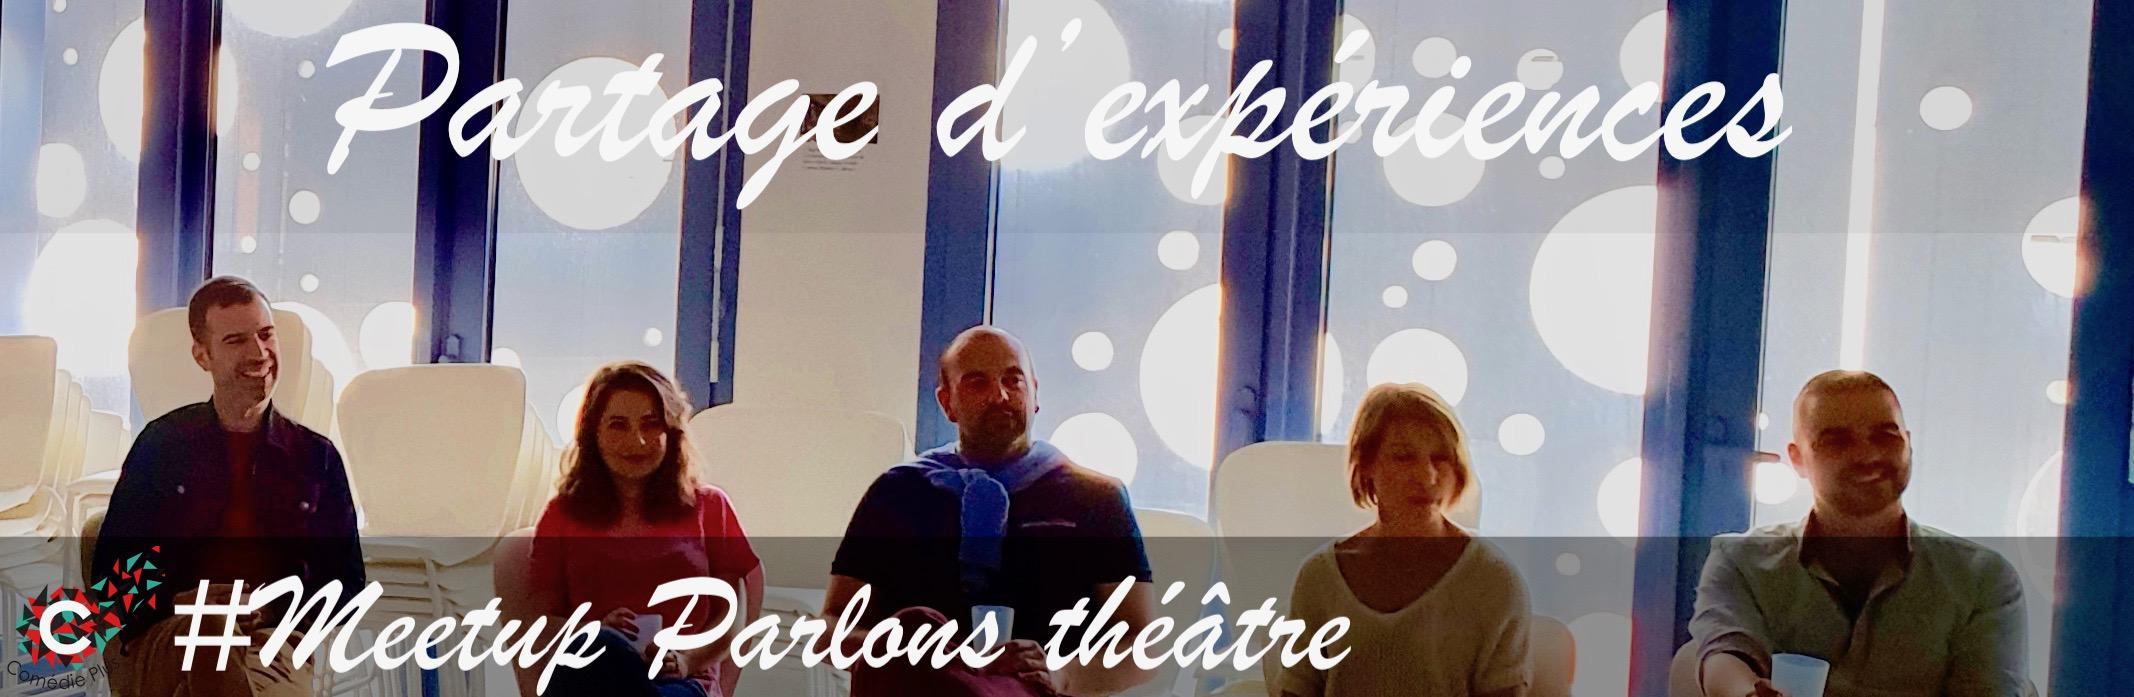 Meetup Parlons Théâtre Toulouse: Un Voyage De Rencontre Théâtrale